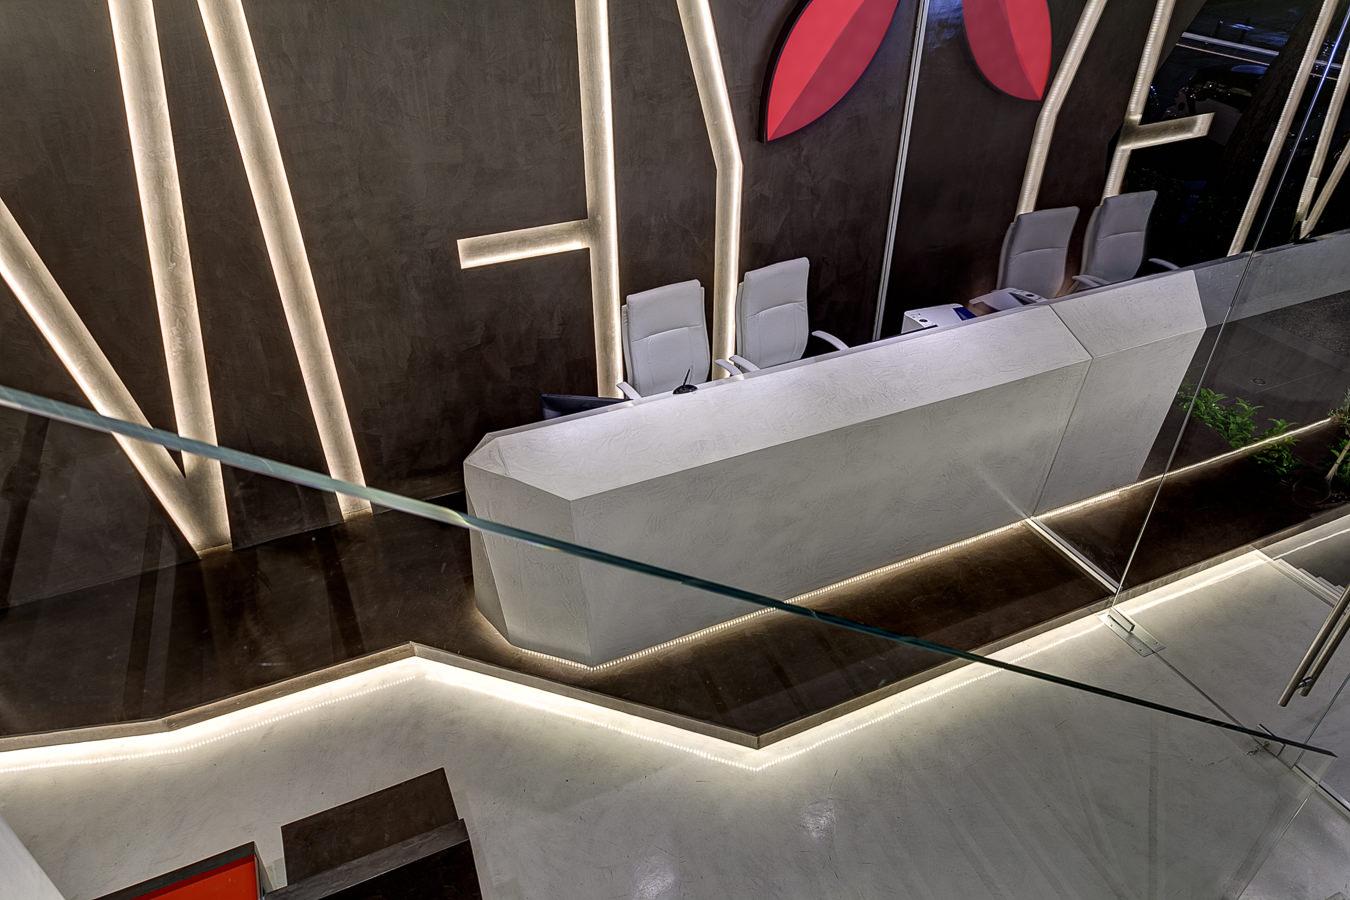 VIVIFY - The beauty lab, Γιώργος Φάκαρος - Αρχιτεκτονική Φωτογραφία | Εσωτερικοί Χώροι | Φωτογραφία Ξενοδοχειών - Photography / Φωτογραφία